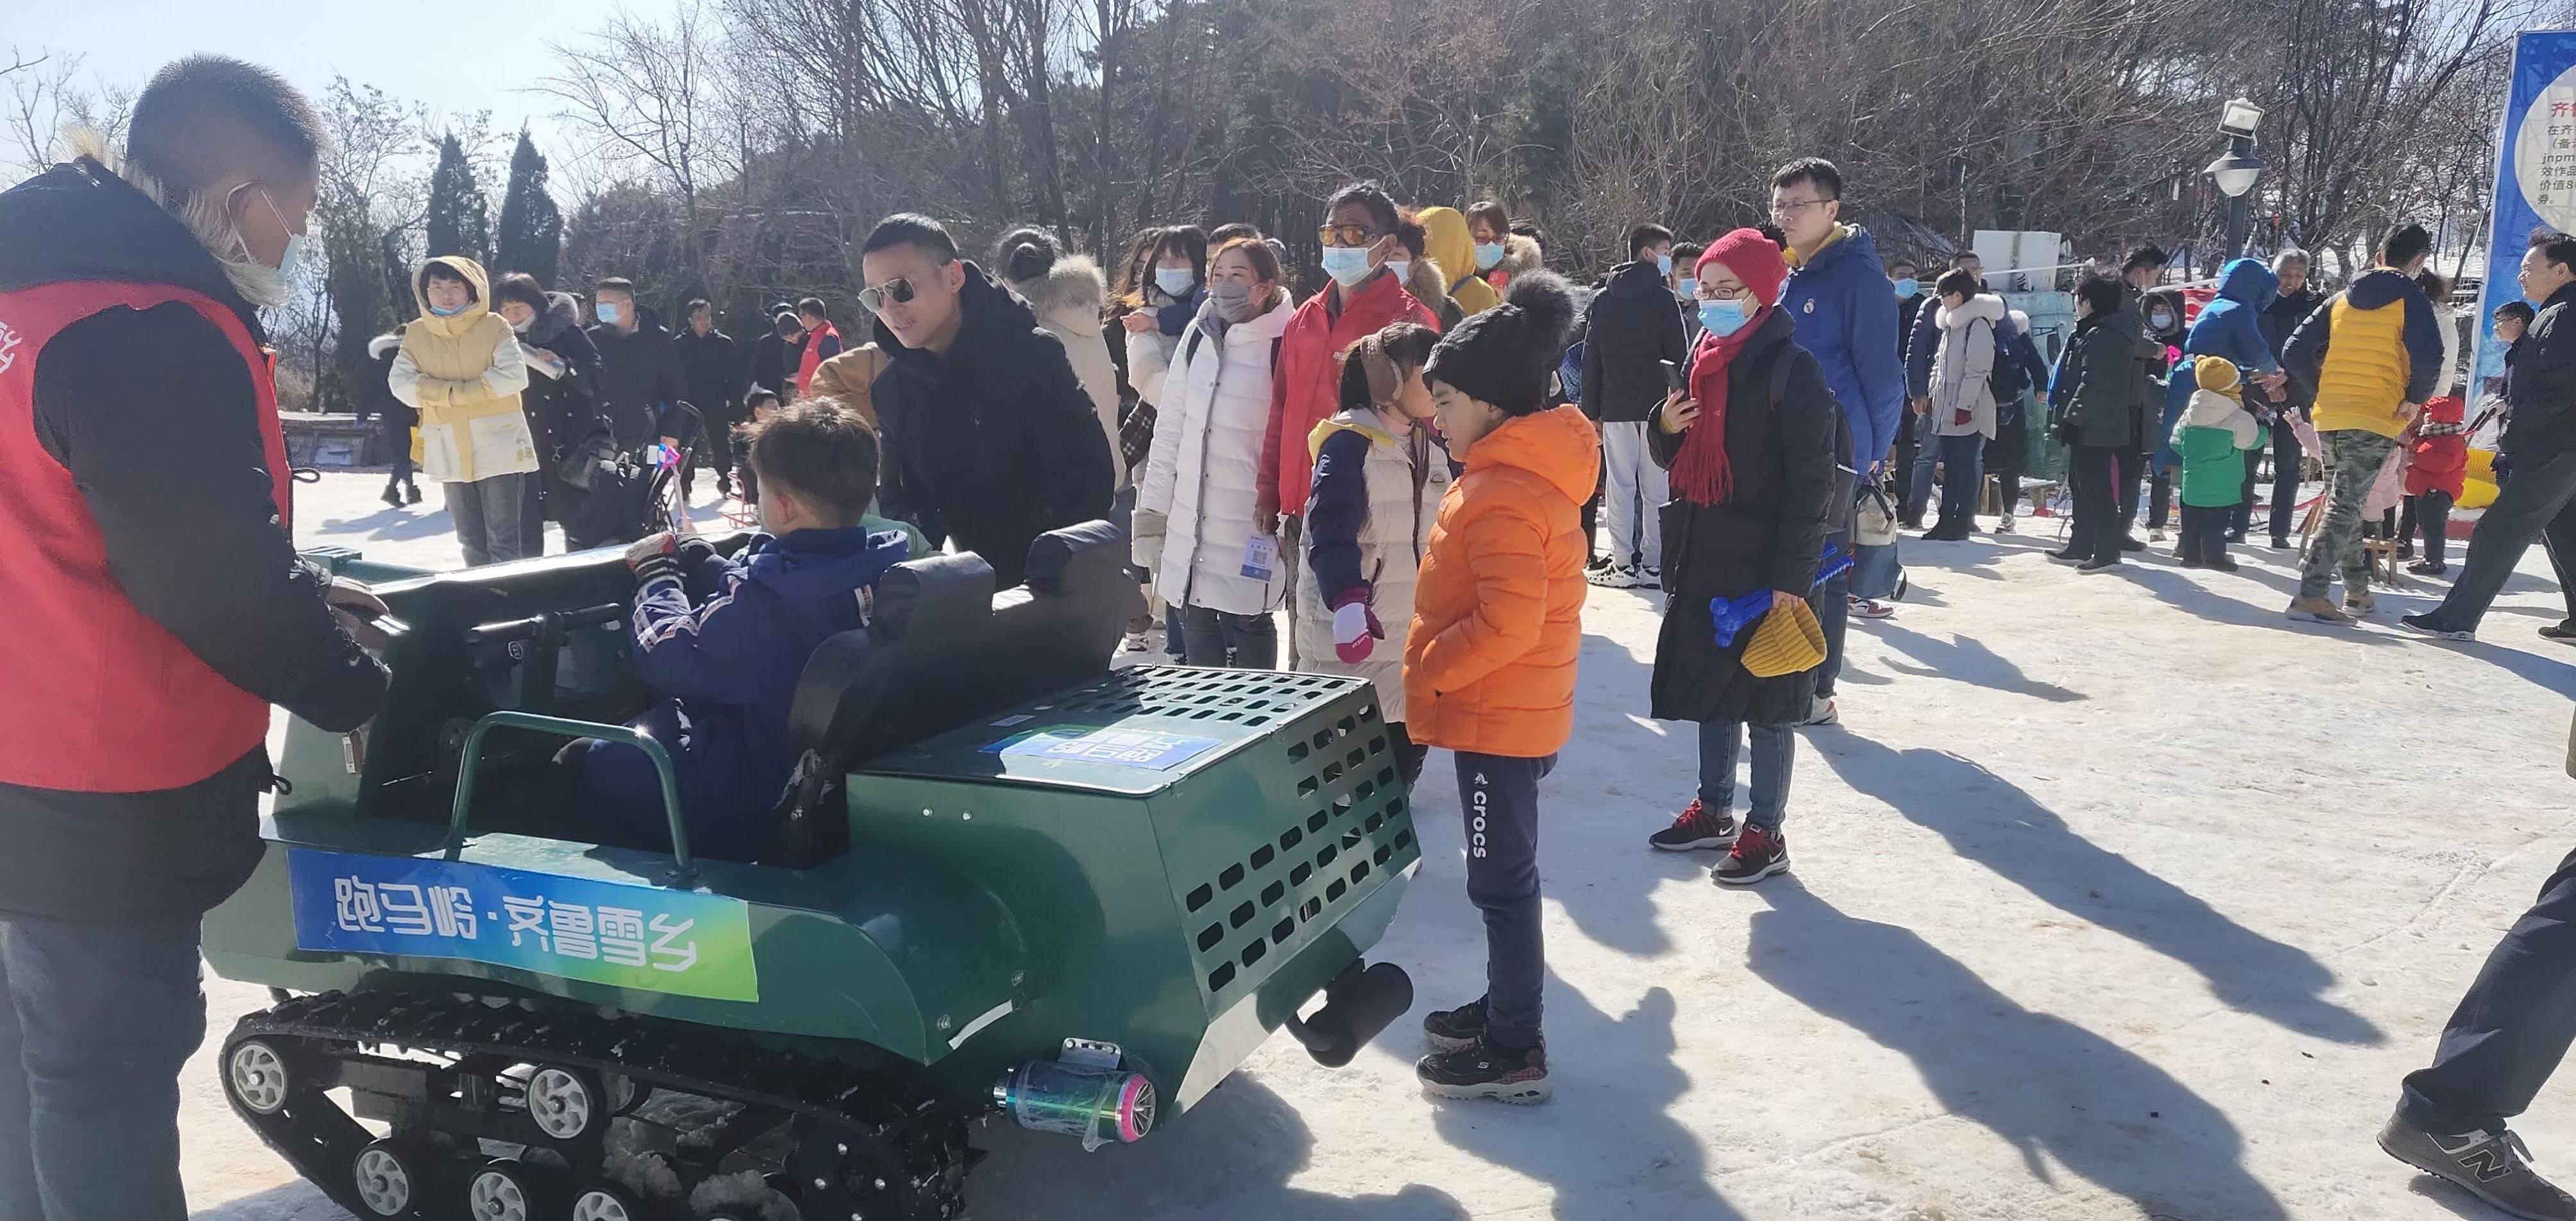 正月初五年味正浓 山东省优秀传统文化活动备受青睐 冰雪项目依然火爆